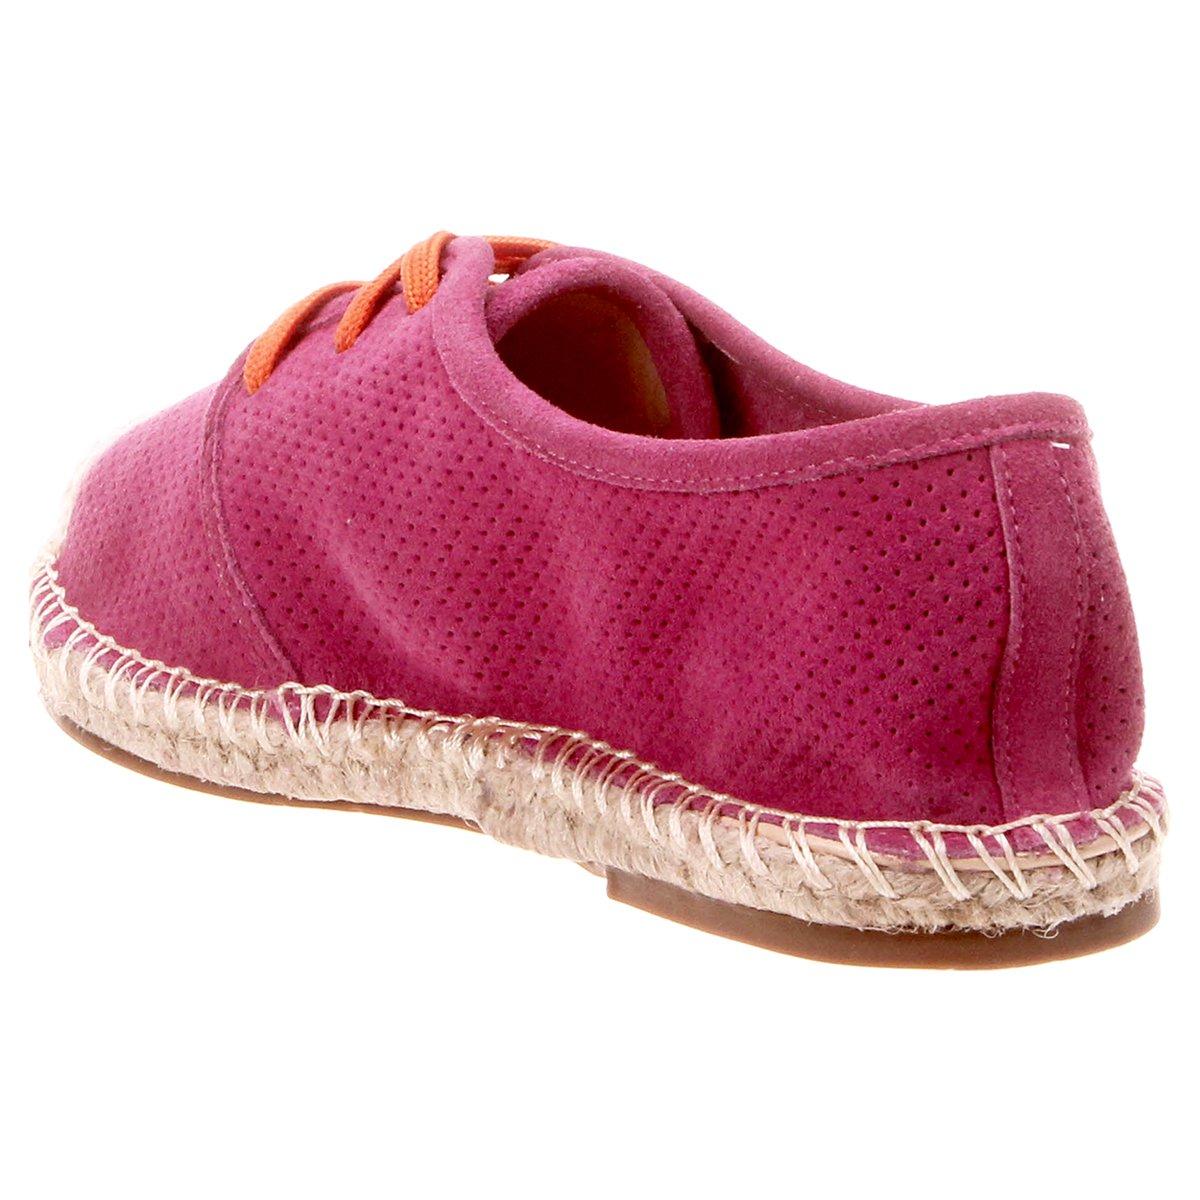 Tênis Lilly's Closet Corda Furinhos - Pink